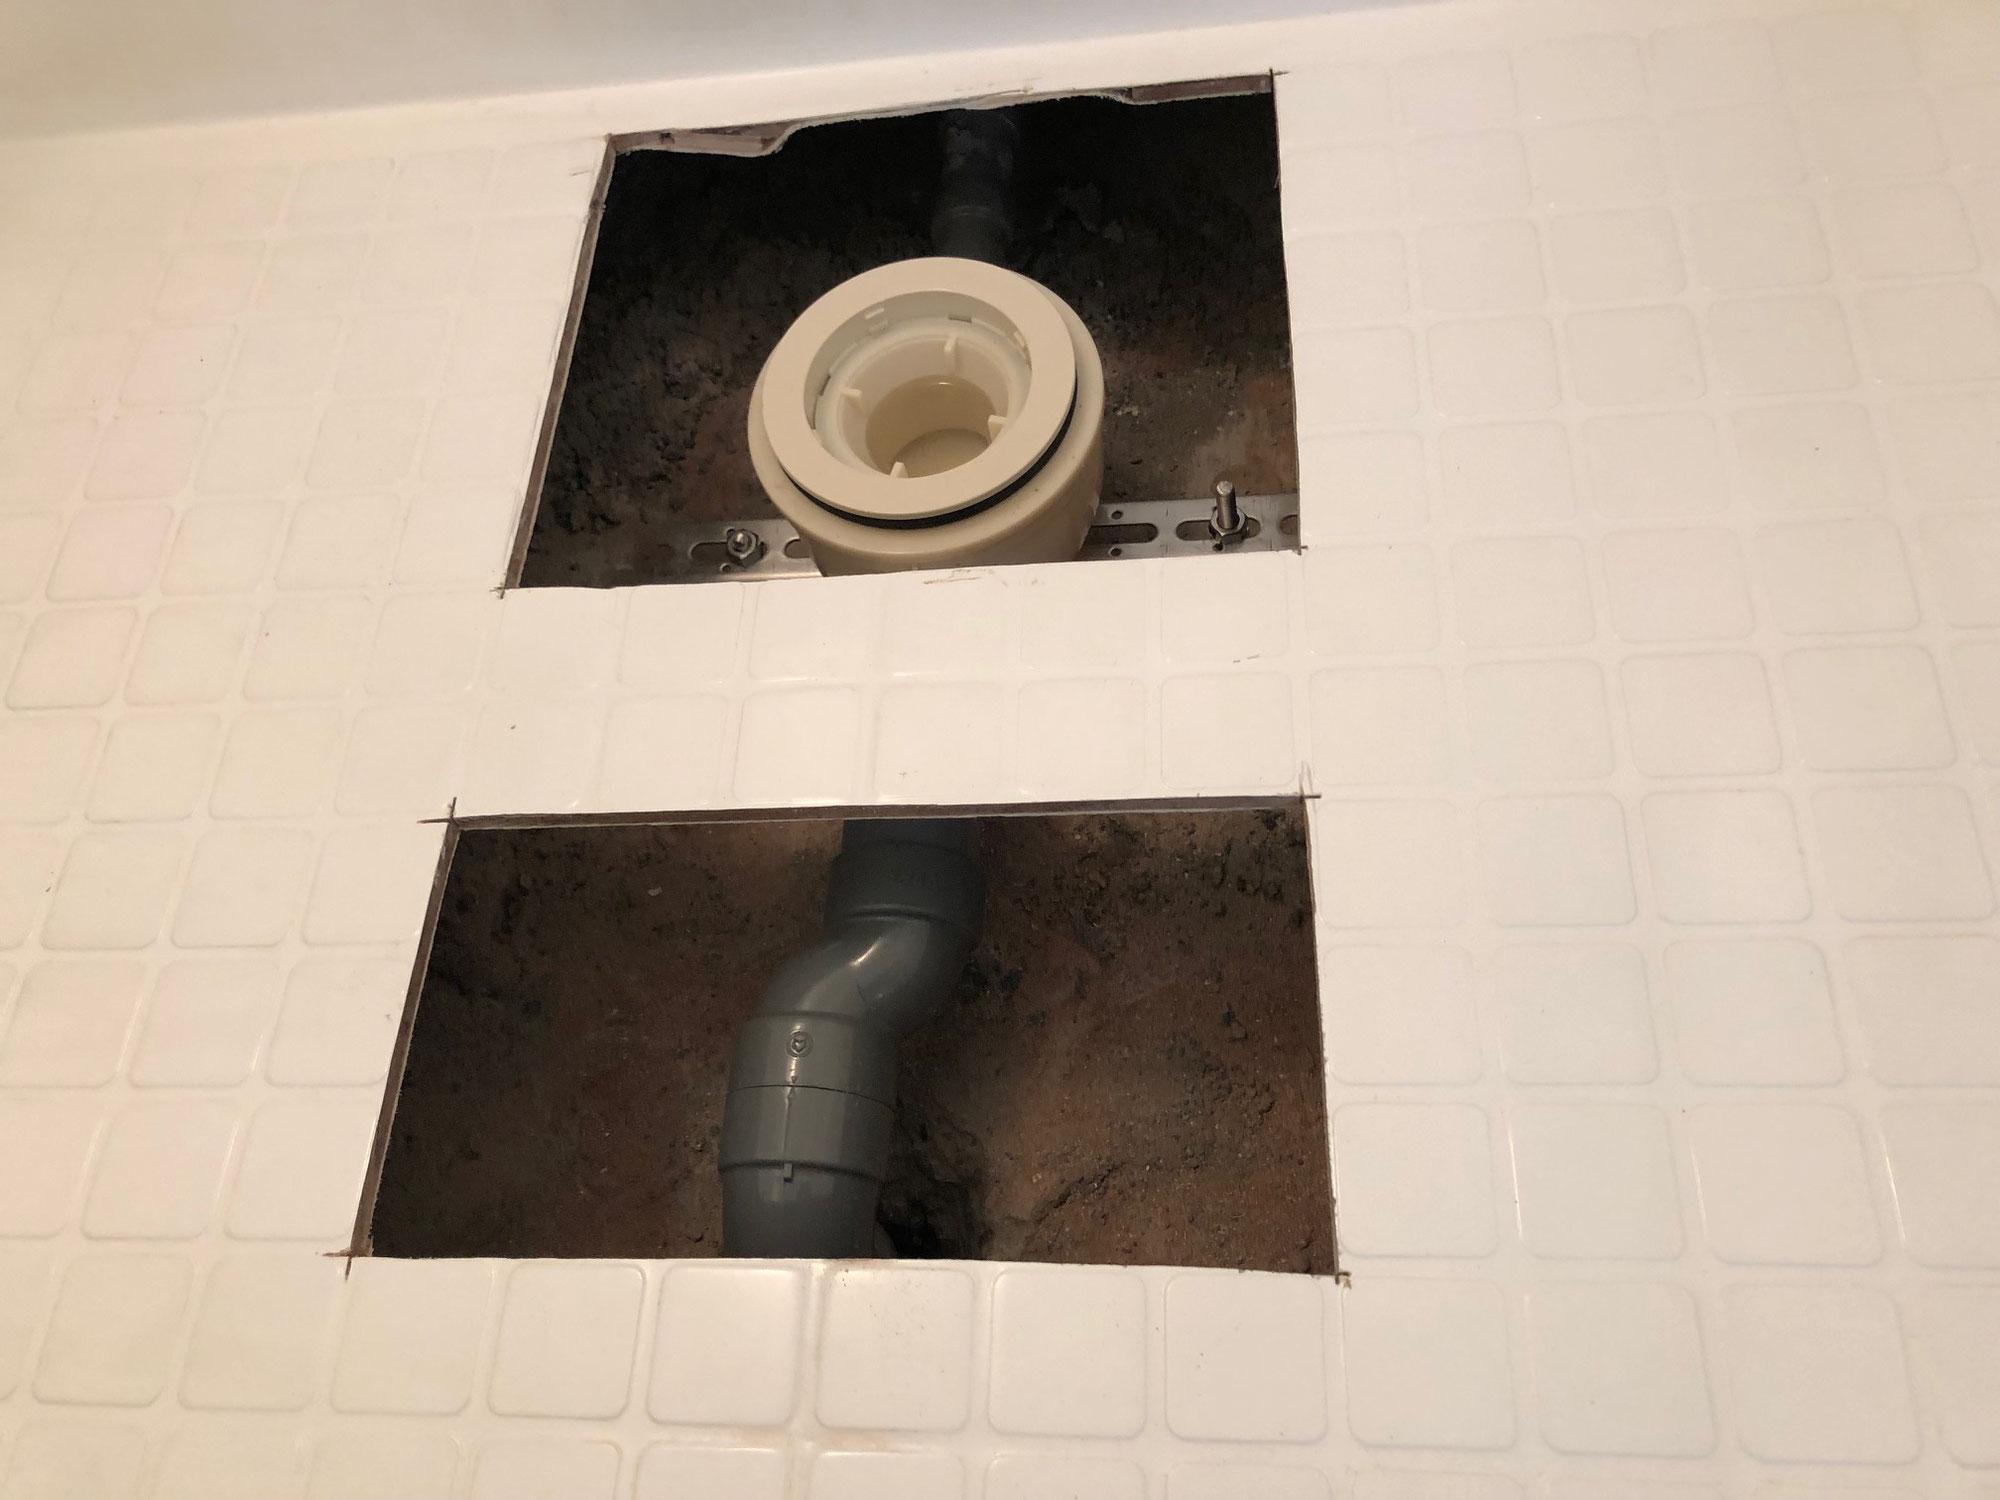 賃貸マンションユニットバス排水トラップ廻り、洗い場再生工事 愛媛県松山市美沢町